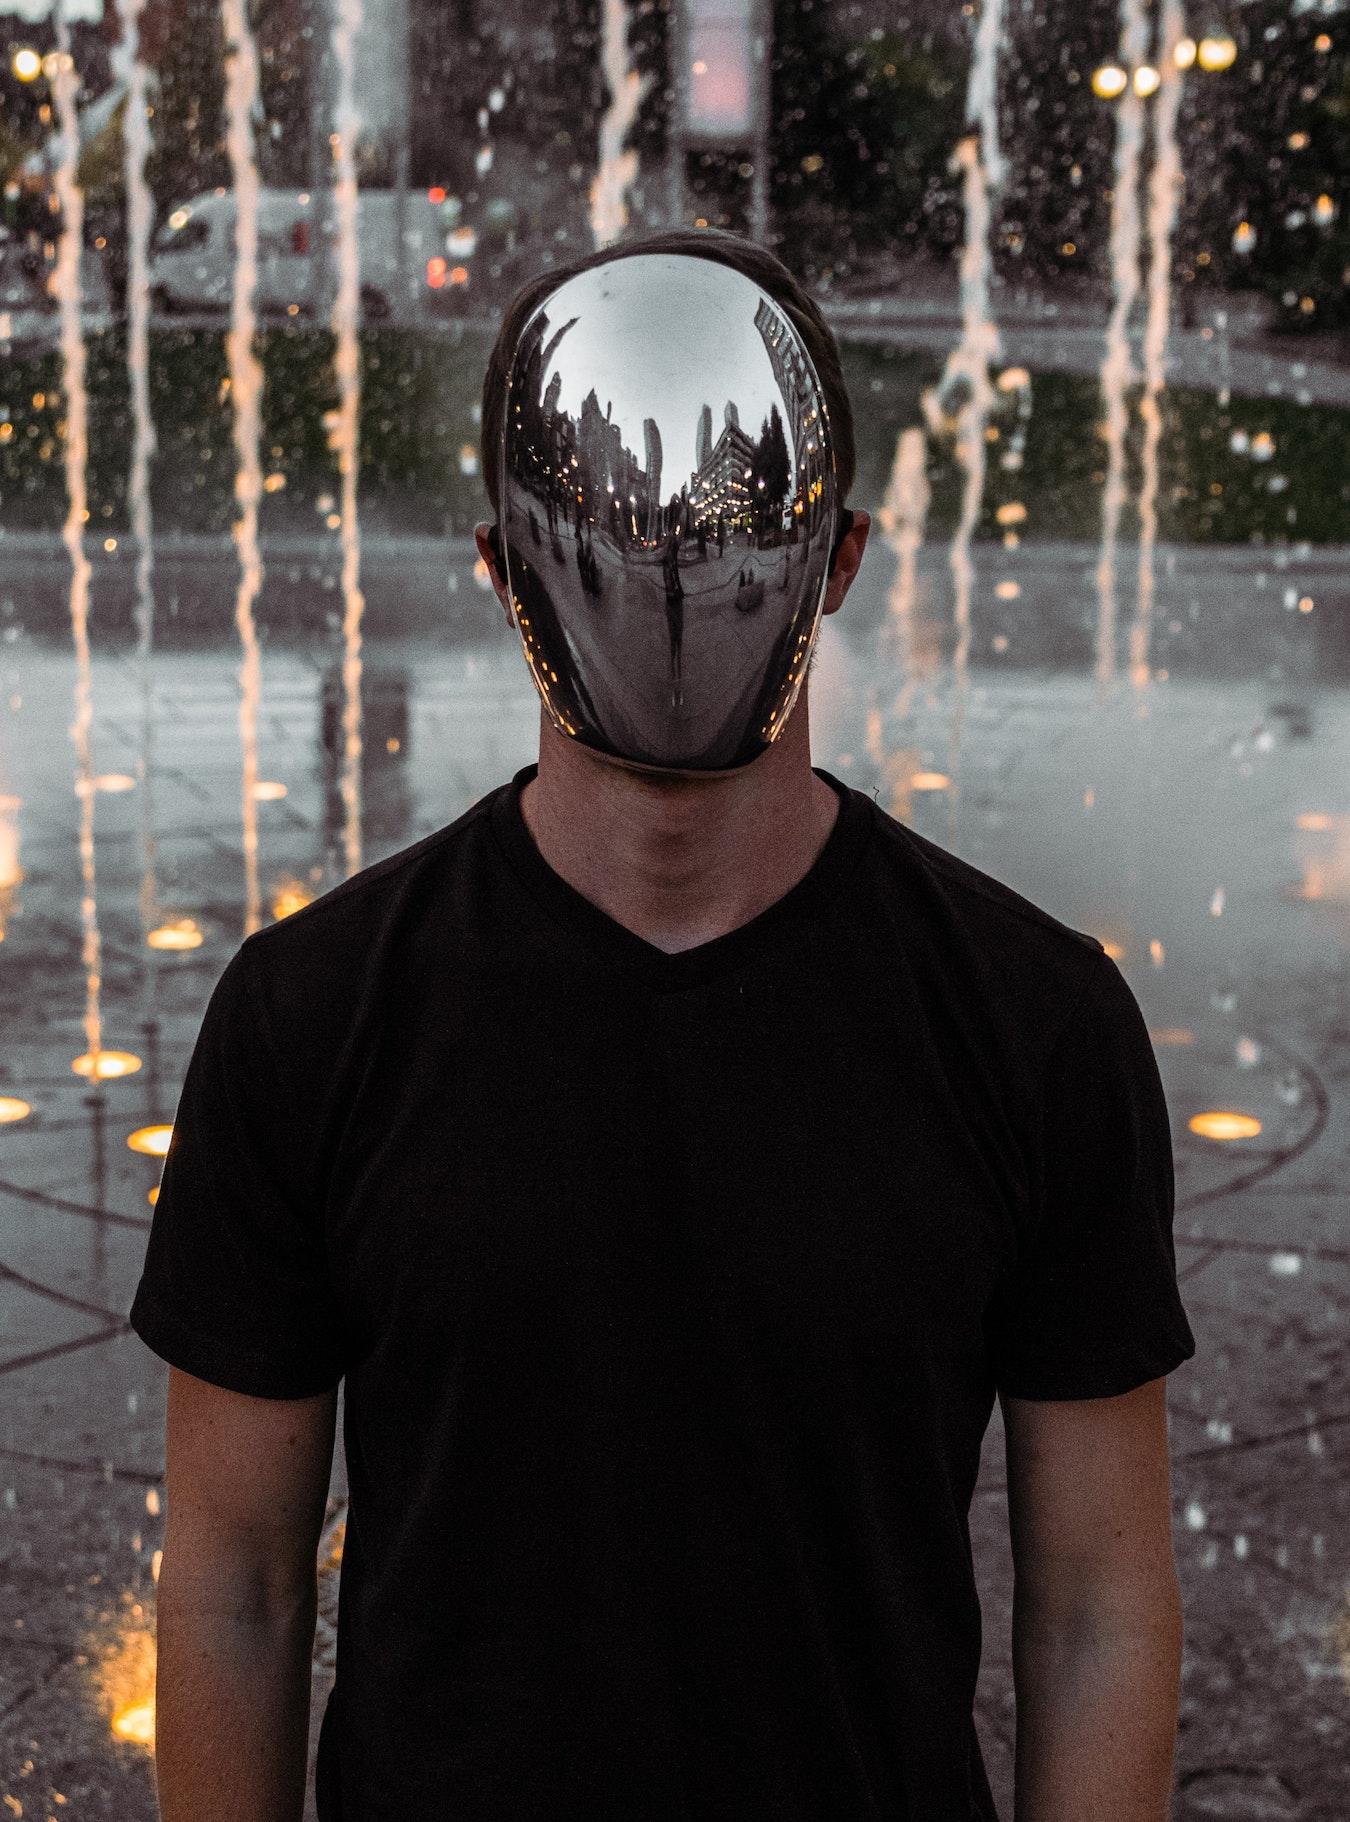 junger Mann mit einem Spiegel statt eines Gesichtes - Ego und höheres Selbst Dualität